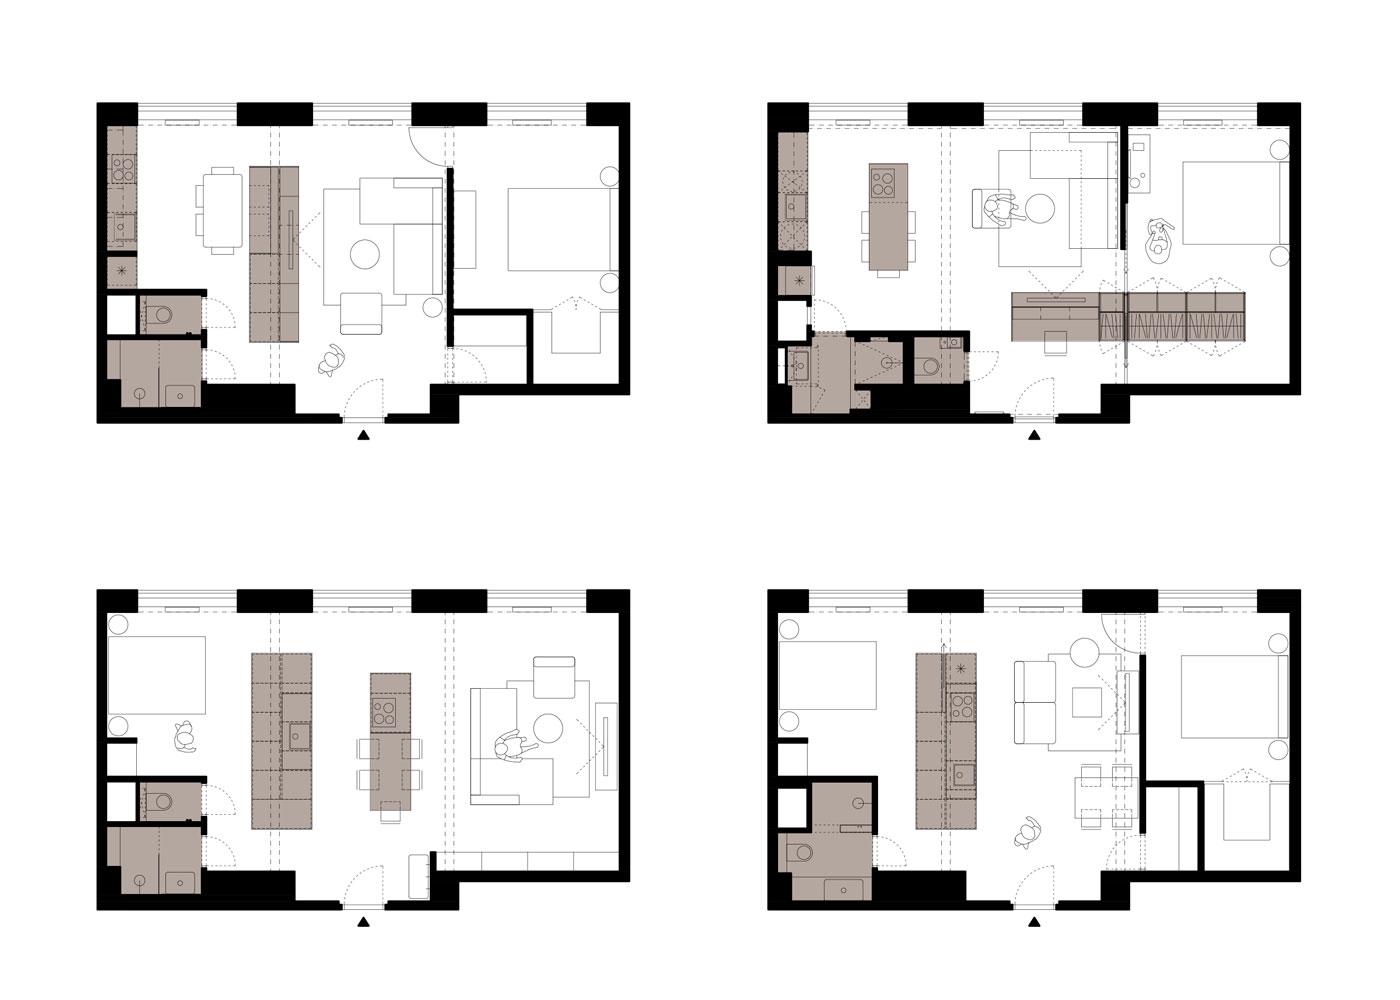 noiz-architekti-interier-byt-lublanska-07